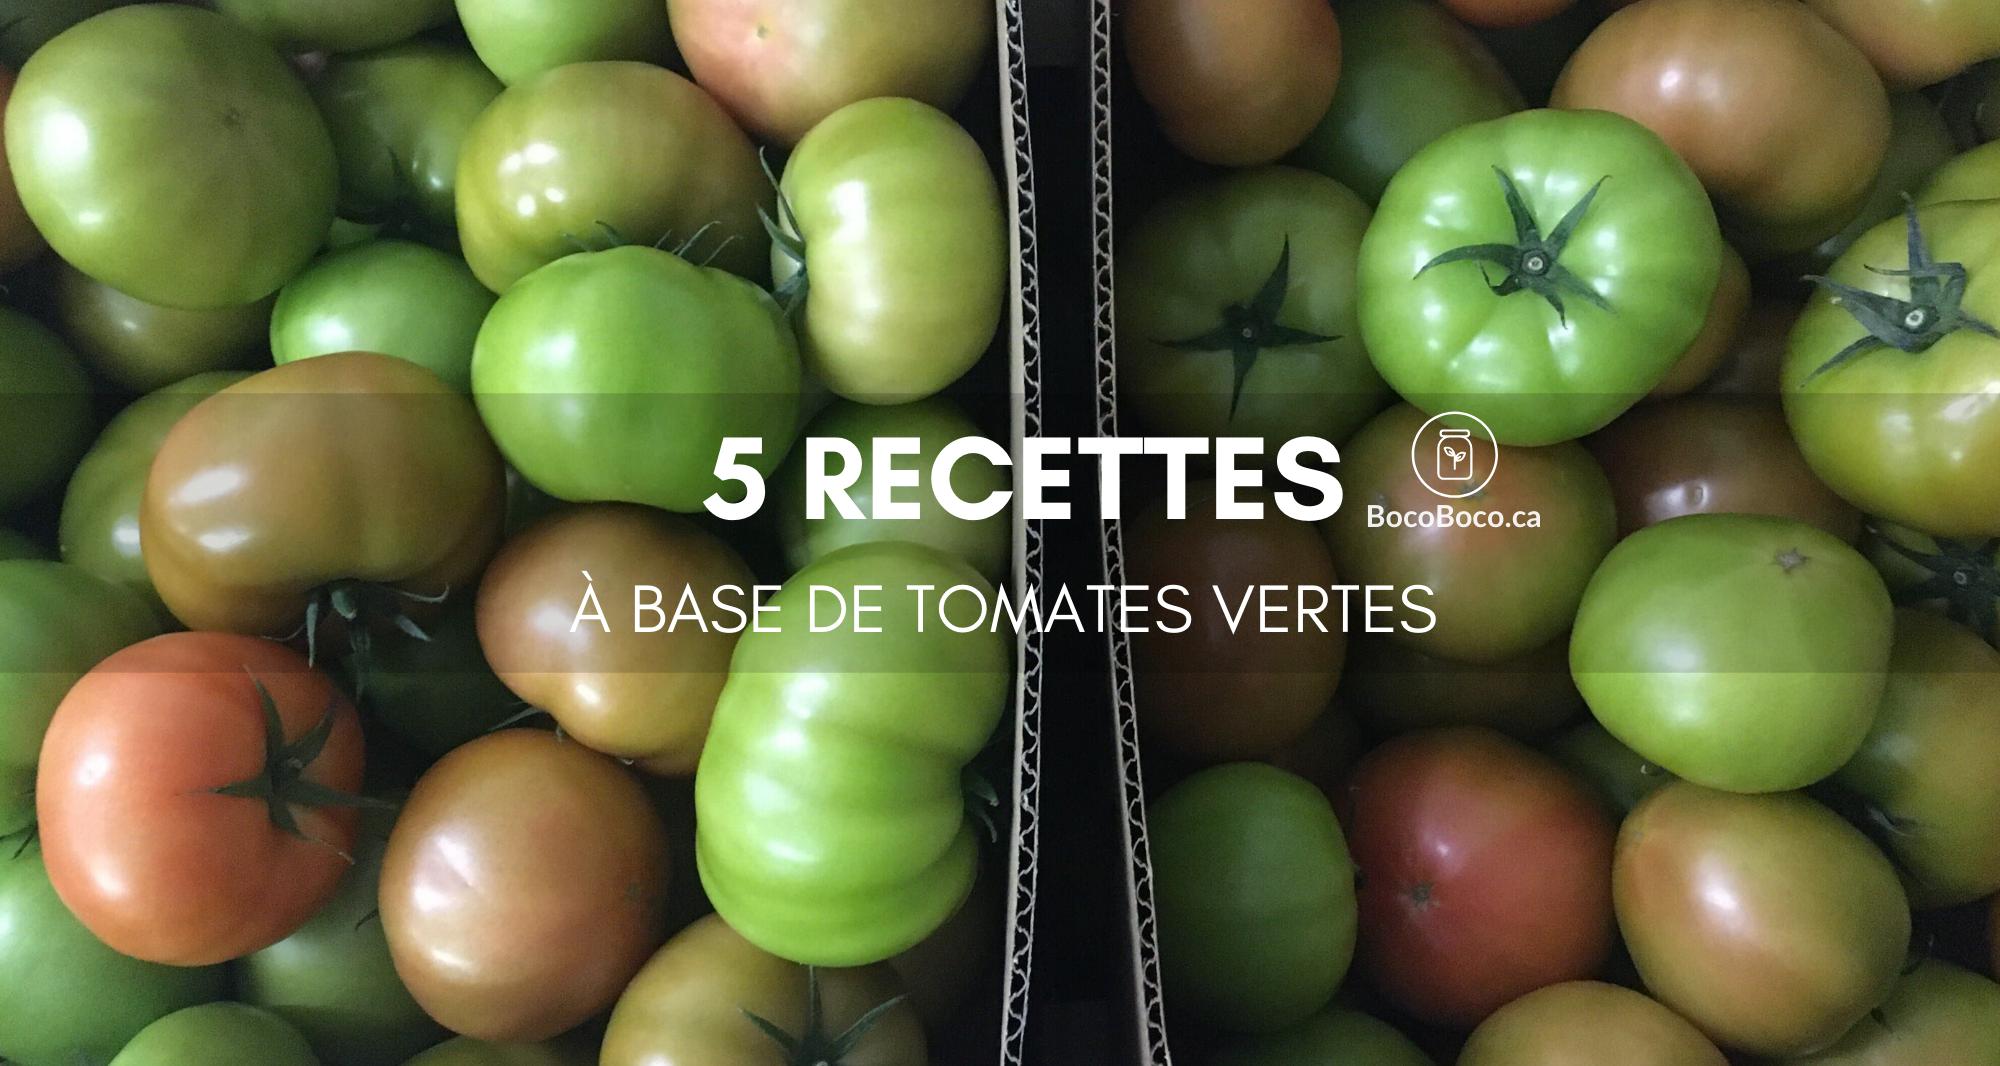 5 recettes à base de tomates vertes